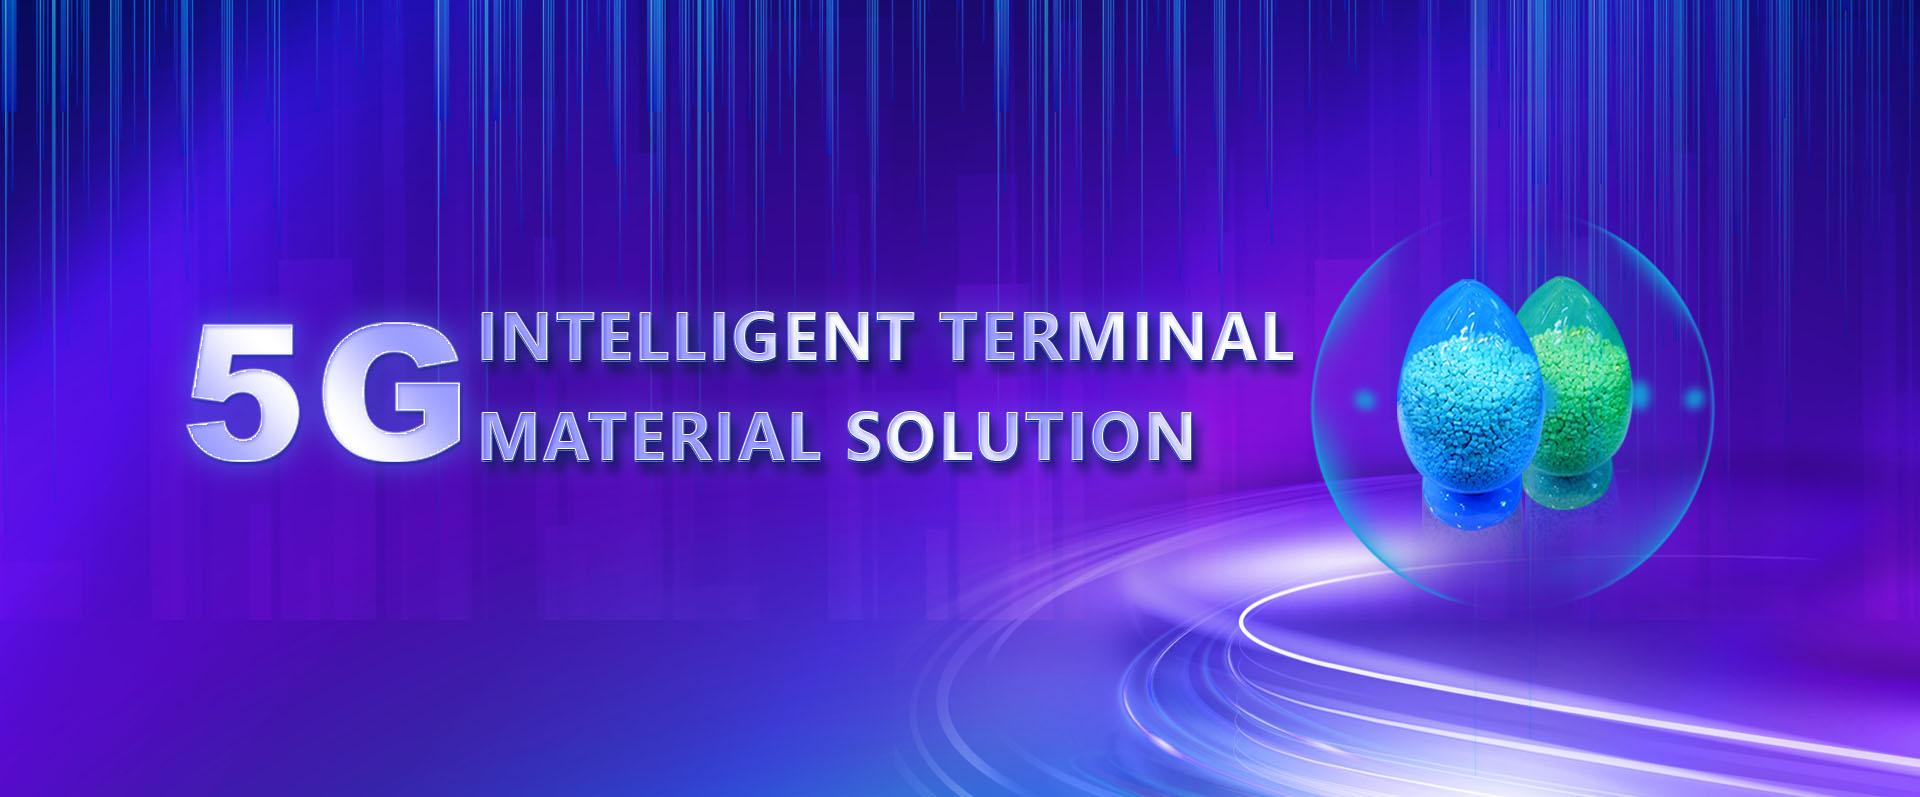 中塑,中塑新材料,LDS专用塑料,NMT纳米注塑专用塑料,NMT纳米注塑材料,导热塑料,PC光扩散塑料,高光反射PC塑料,高光反射PC,PCT LED支架专用塑料,PA9T LED支架专用塑料